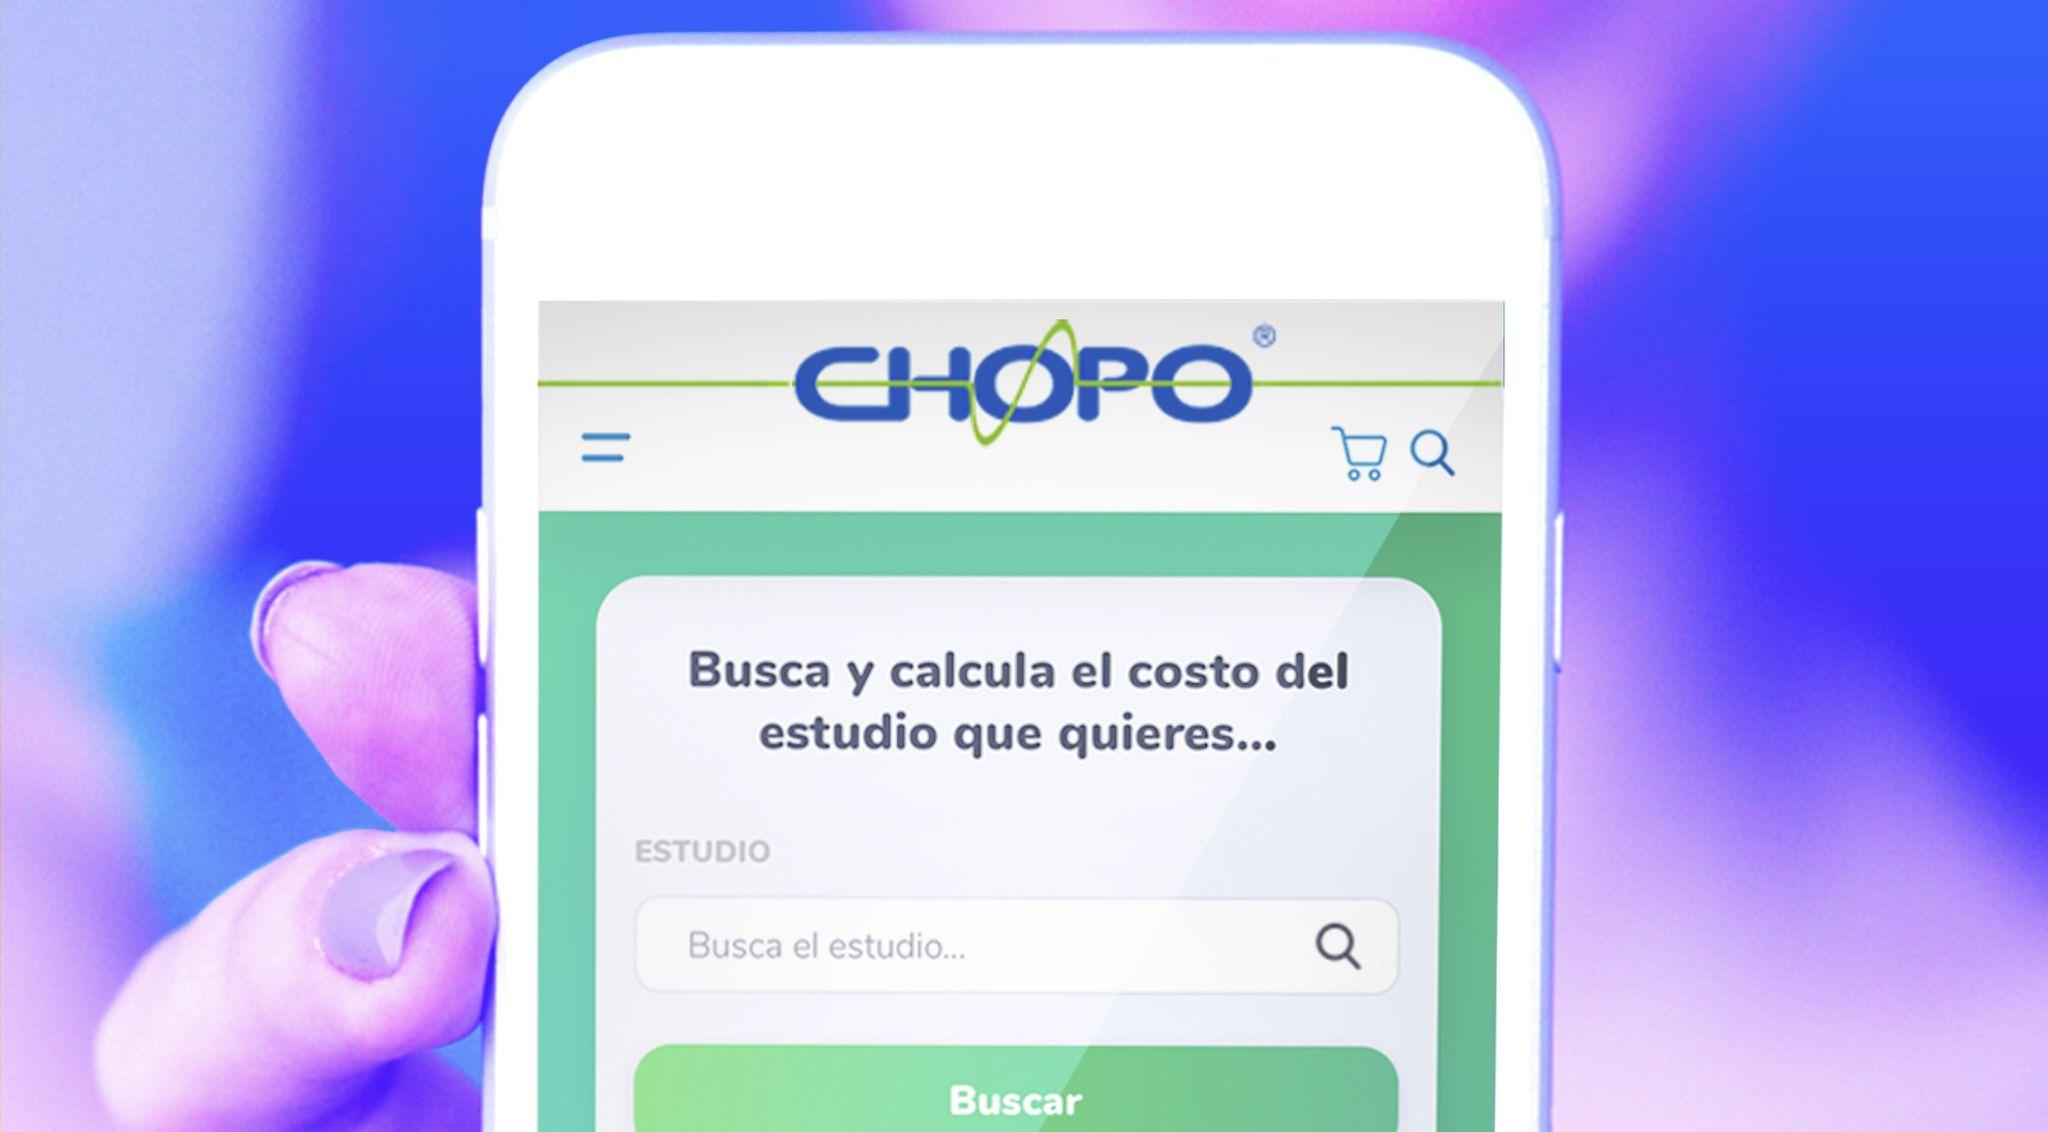 Laboratorio Médico del Chopo aumenta sus ventas 200% a través de la digitalización